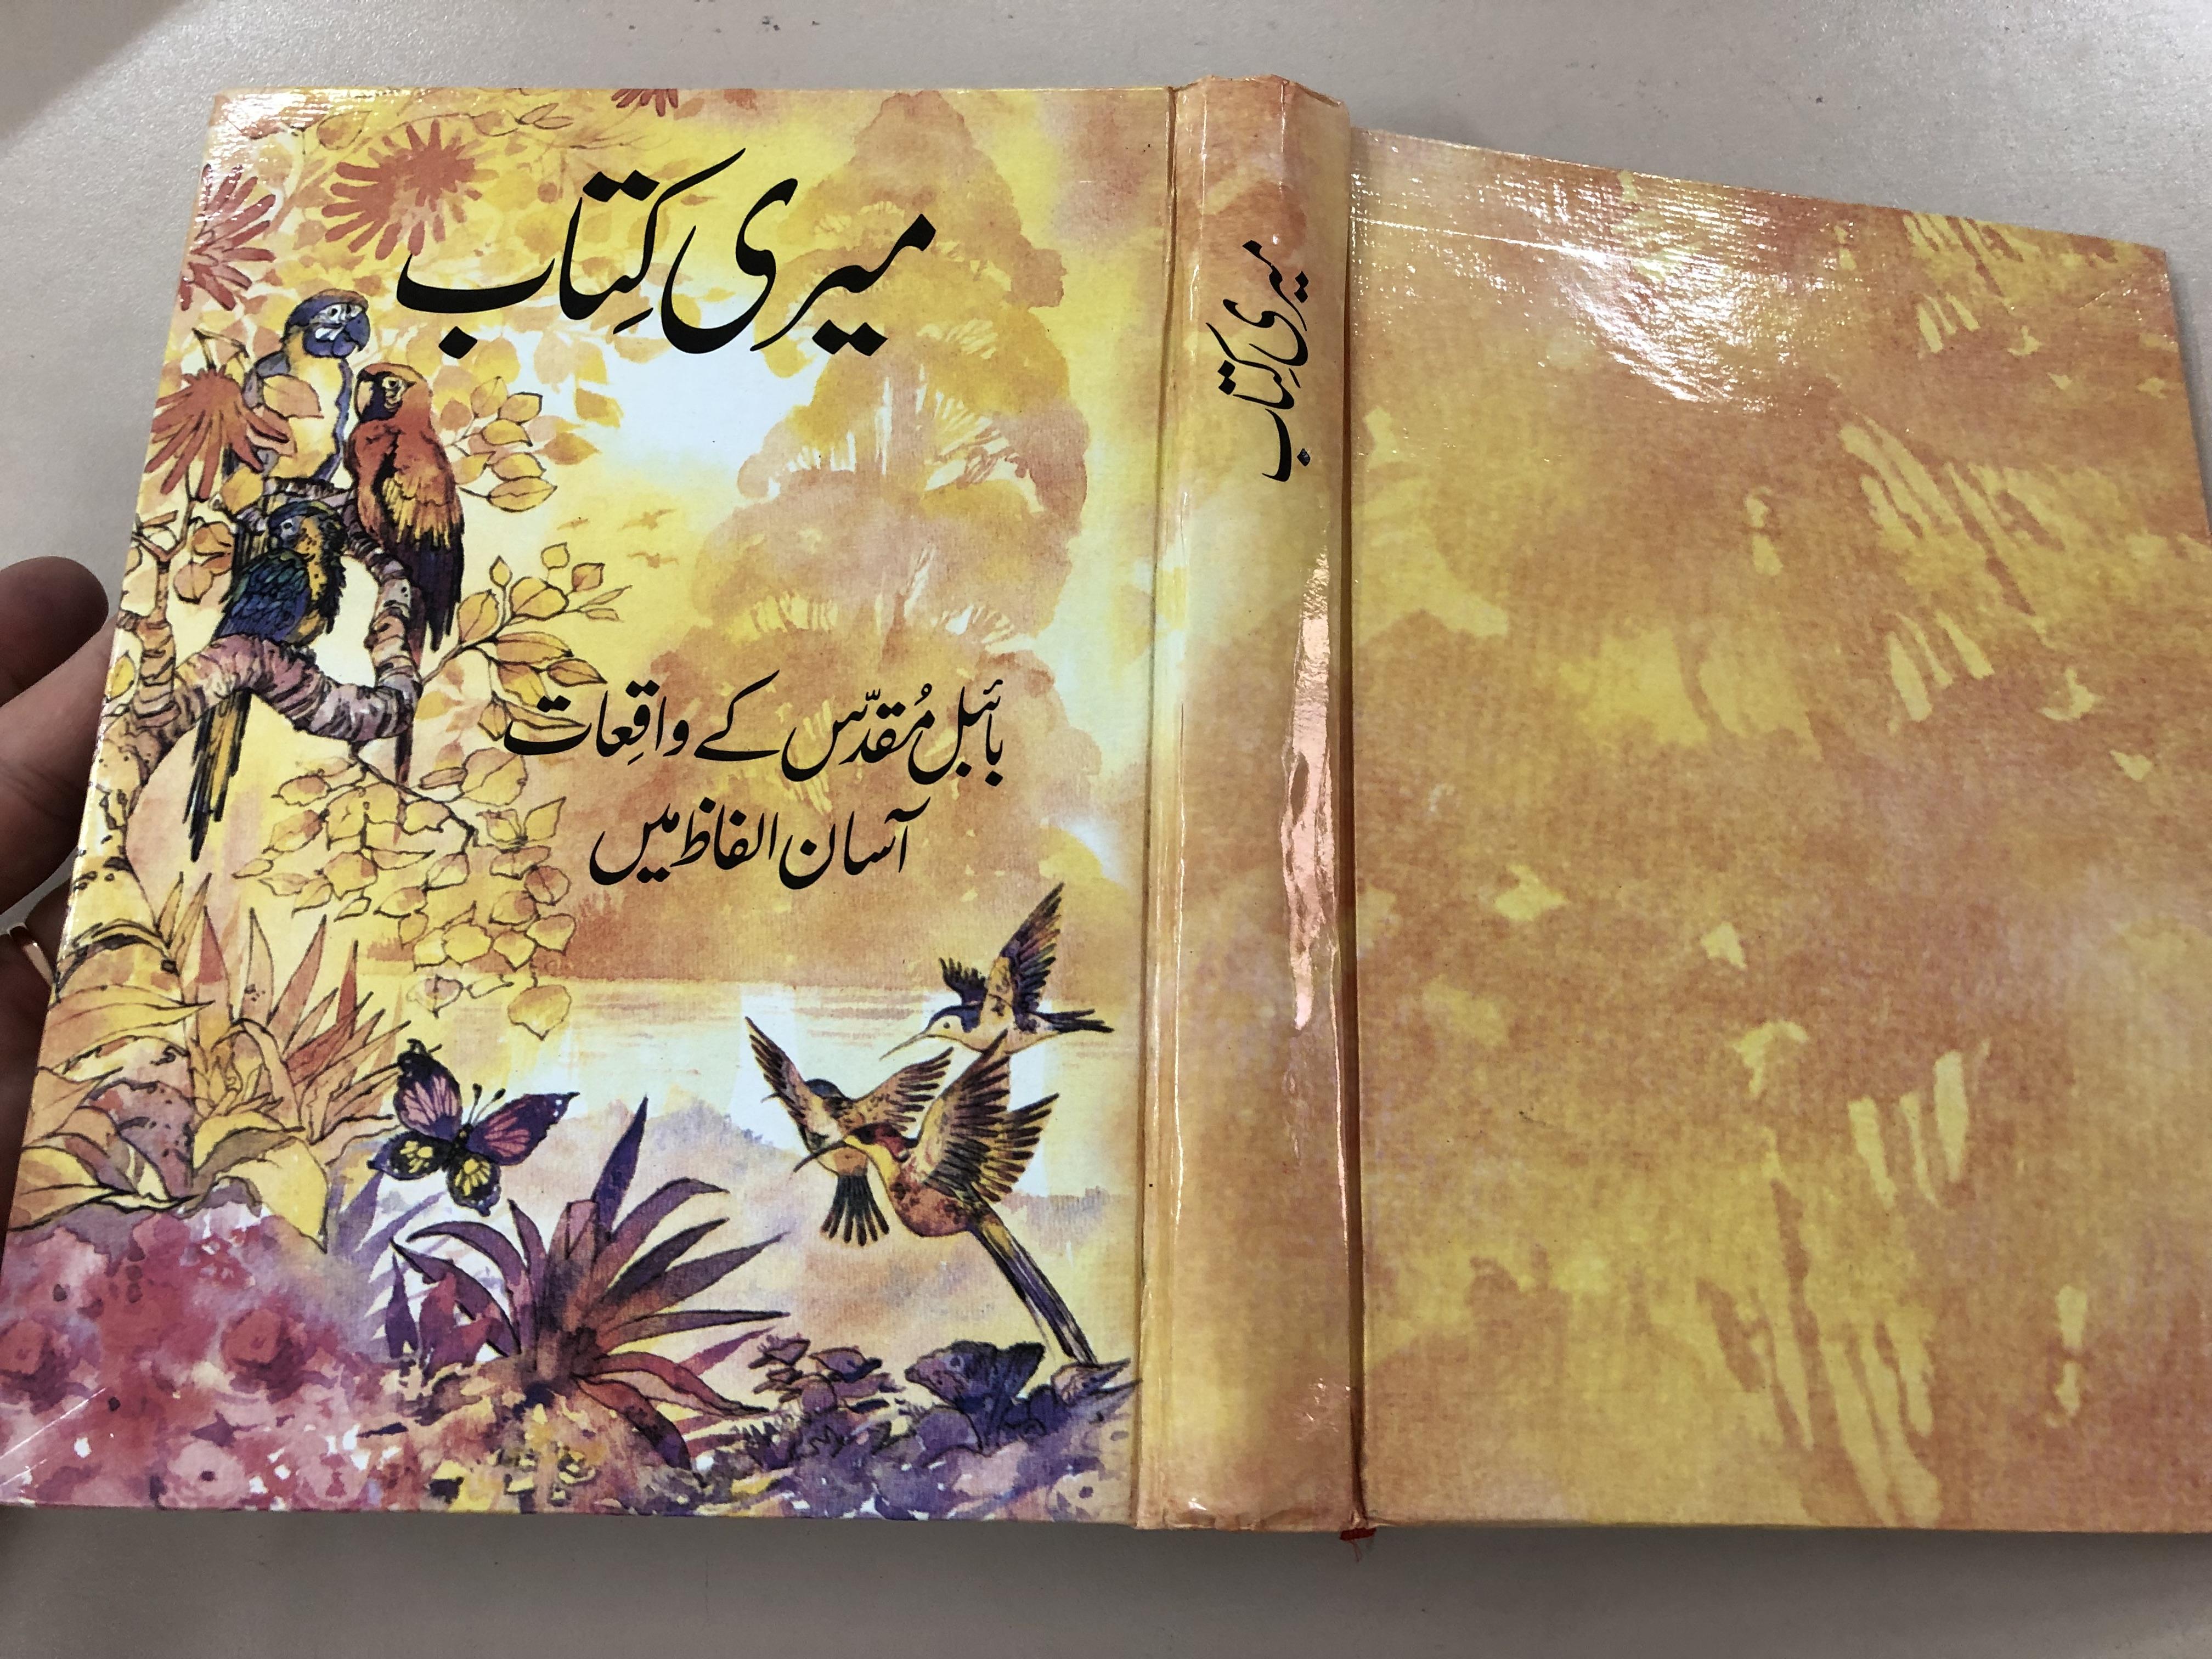 -urdu-translation-of-the-children-s-bible-by-anne-de-vries-kleutervertelboek-voor-de-bijbelse-geschiedenis-hardcover-2019-15-.jpg